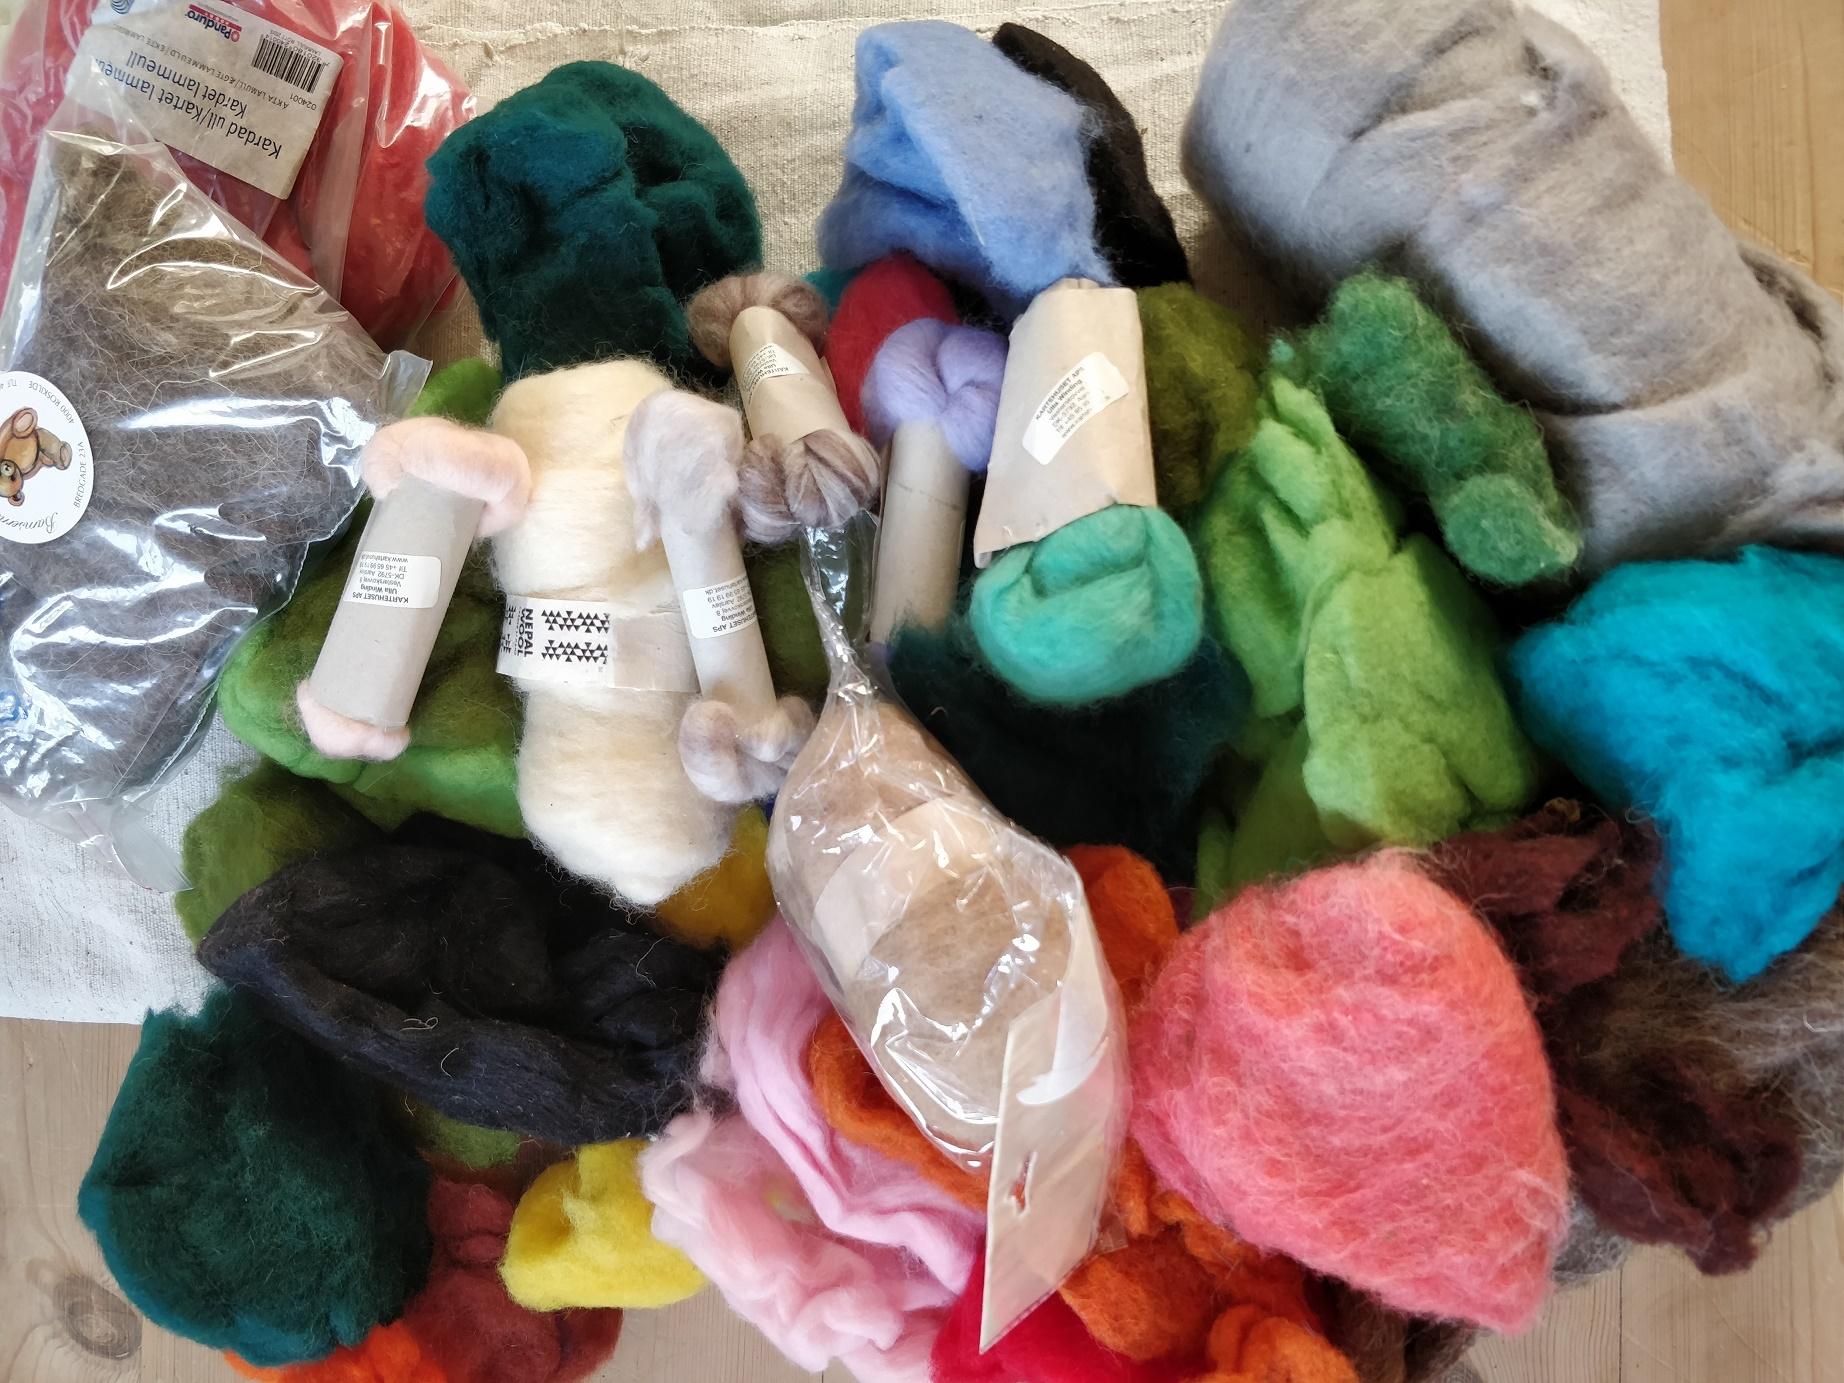 En hel bunke uld til filtning